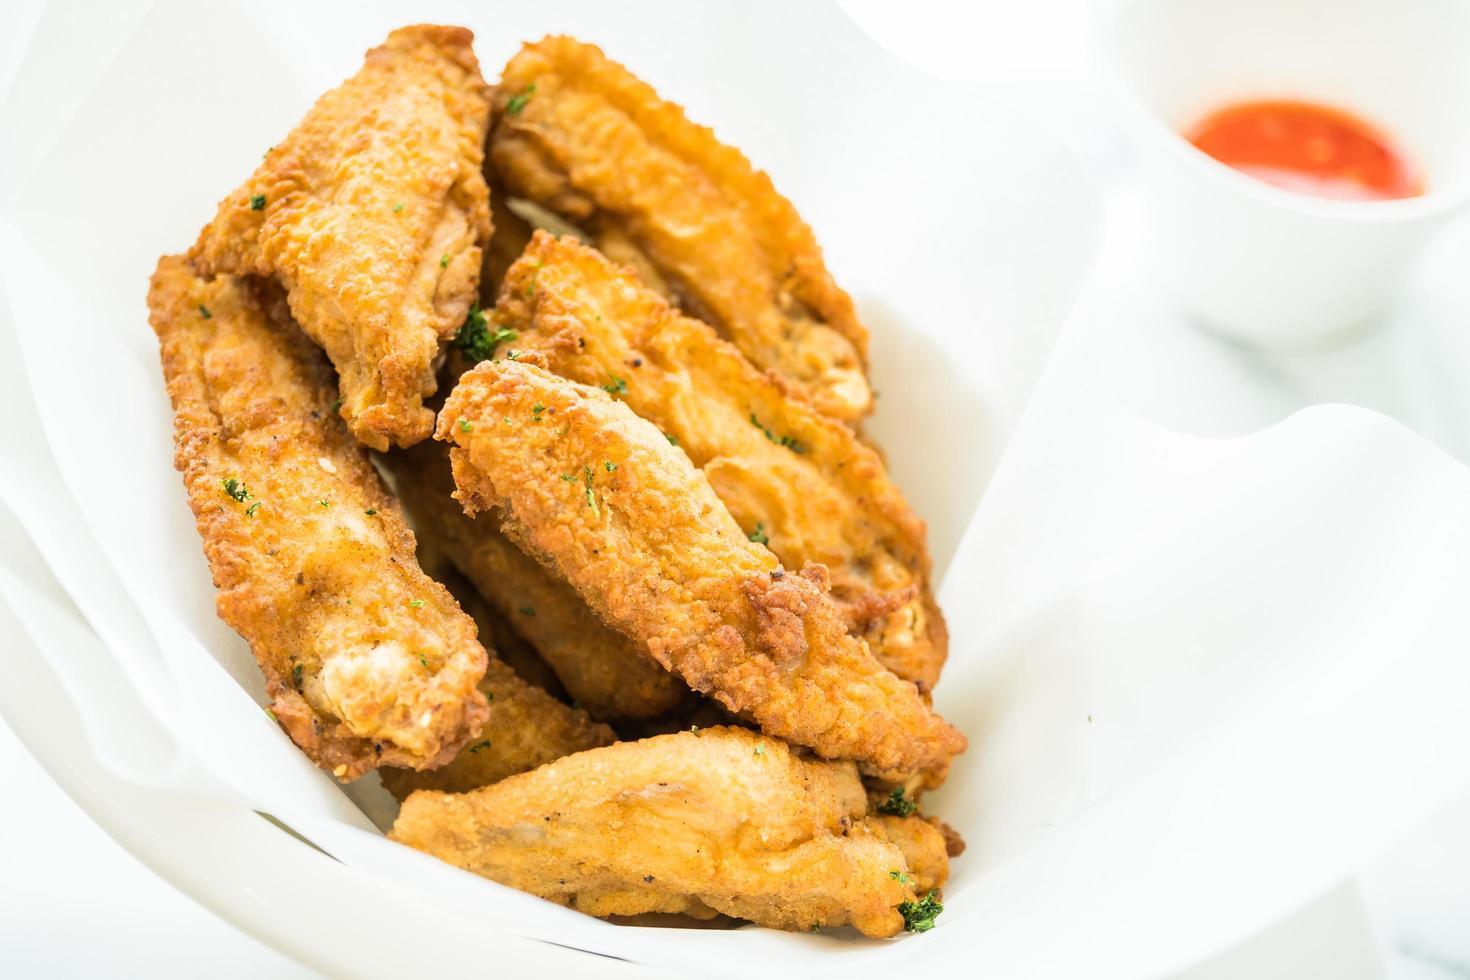 gebakken krokante kippenvleugel foto